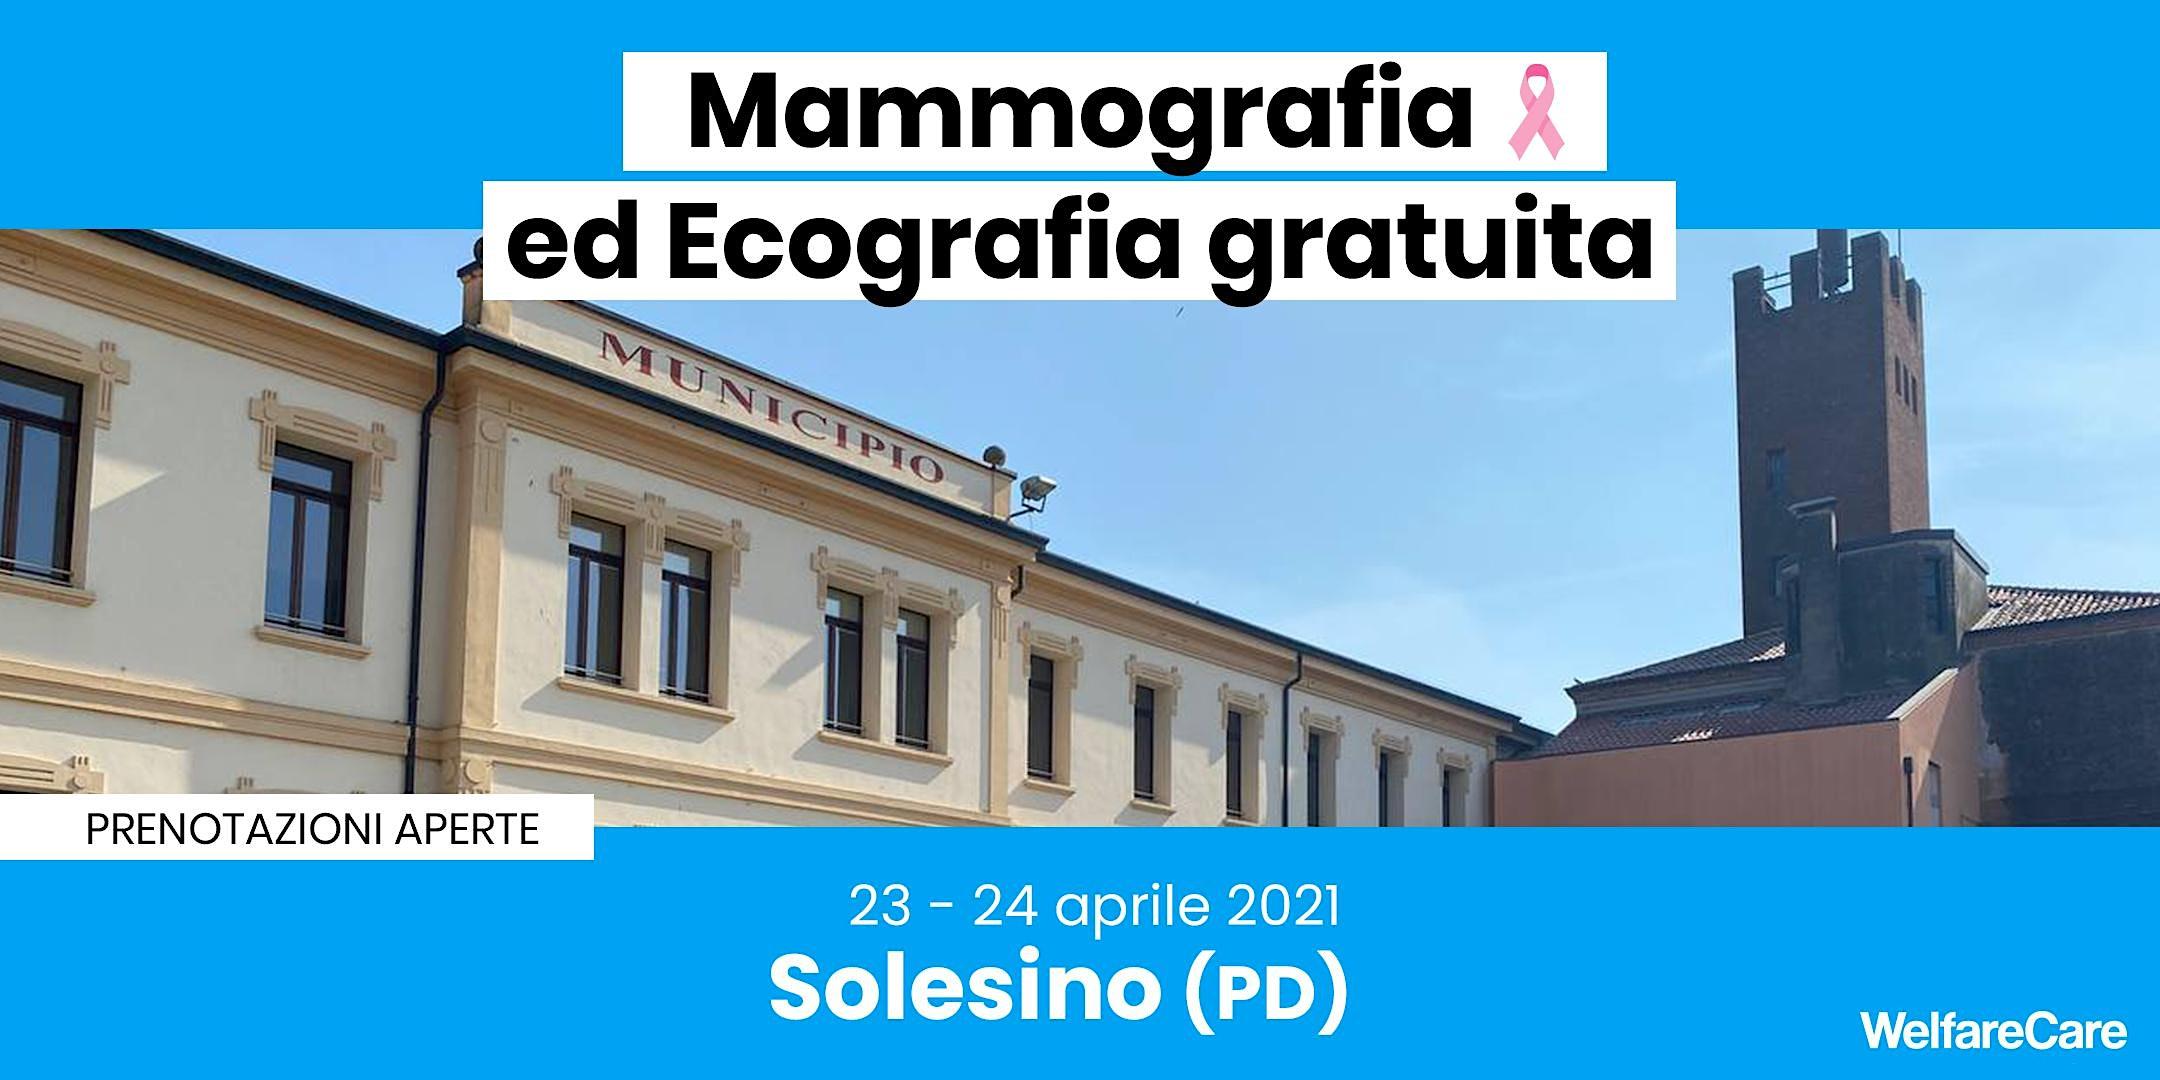 Mammografia ed Ecografia Gratuita – Solesino 23 – 24 aprile 2021